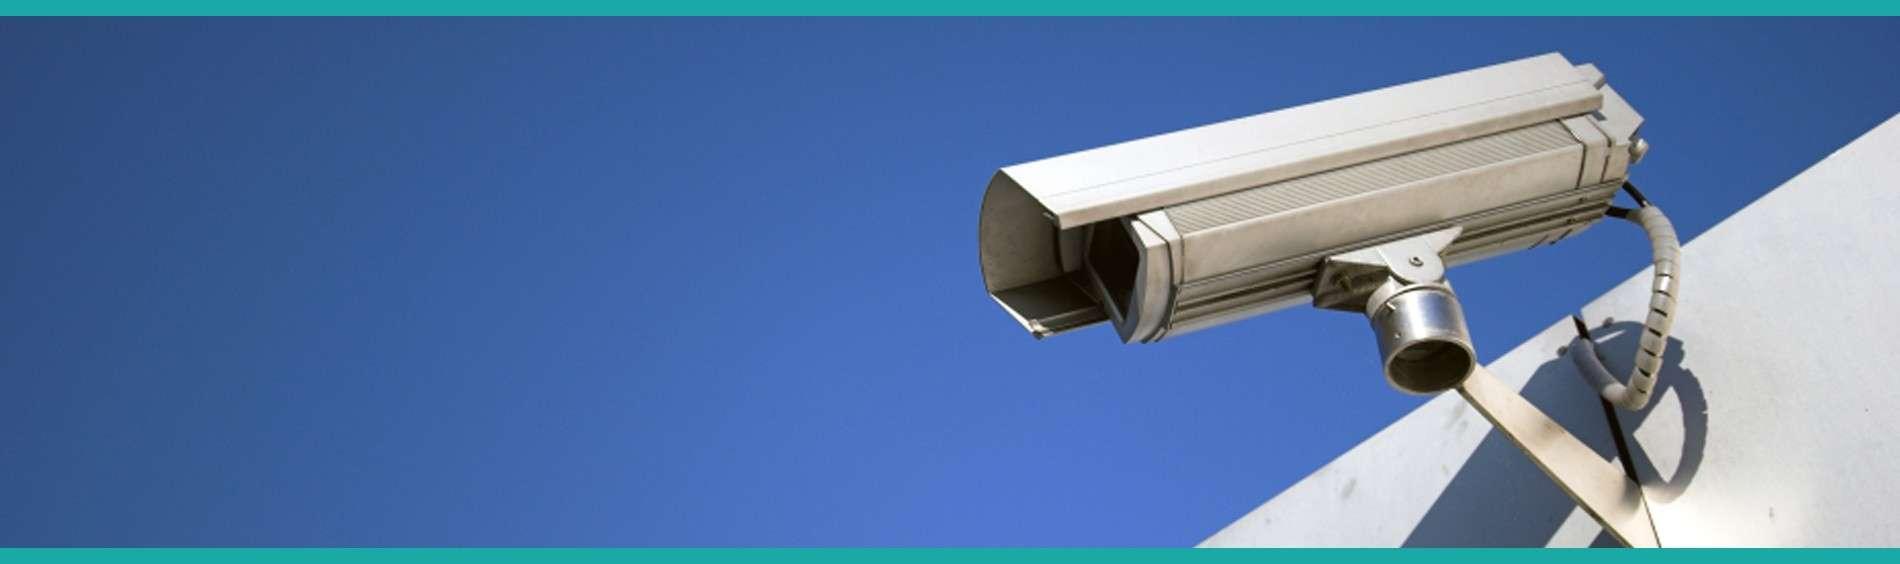 Modification de la législation sur les caméras